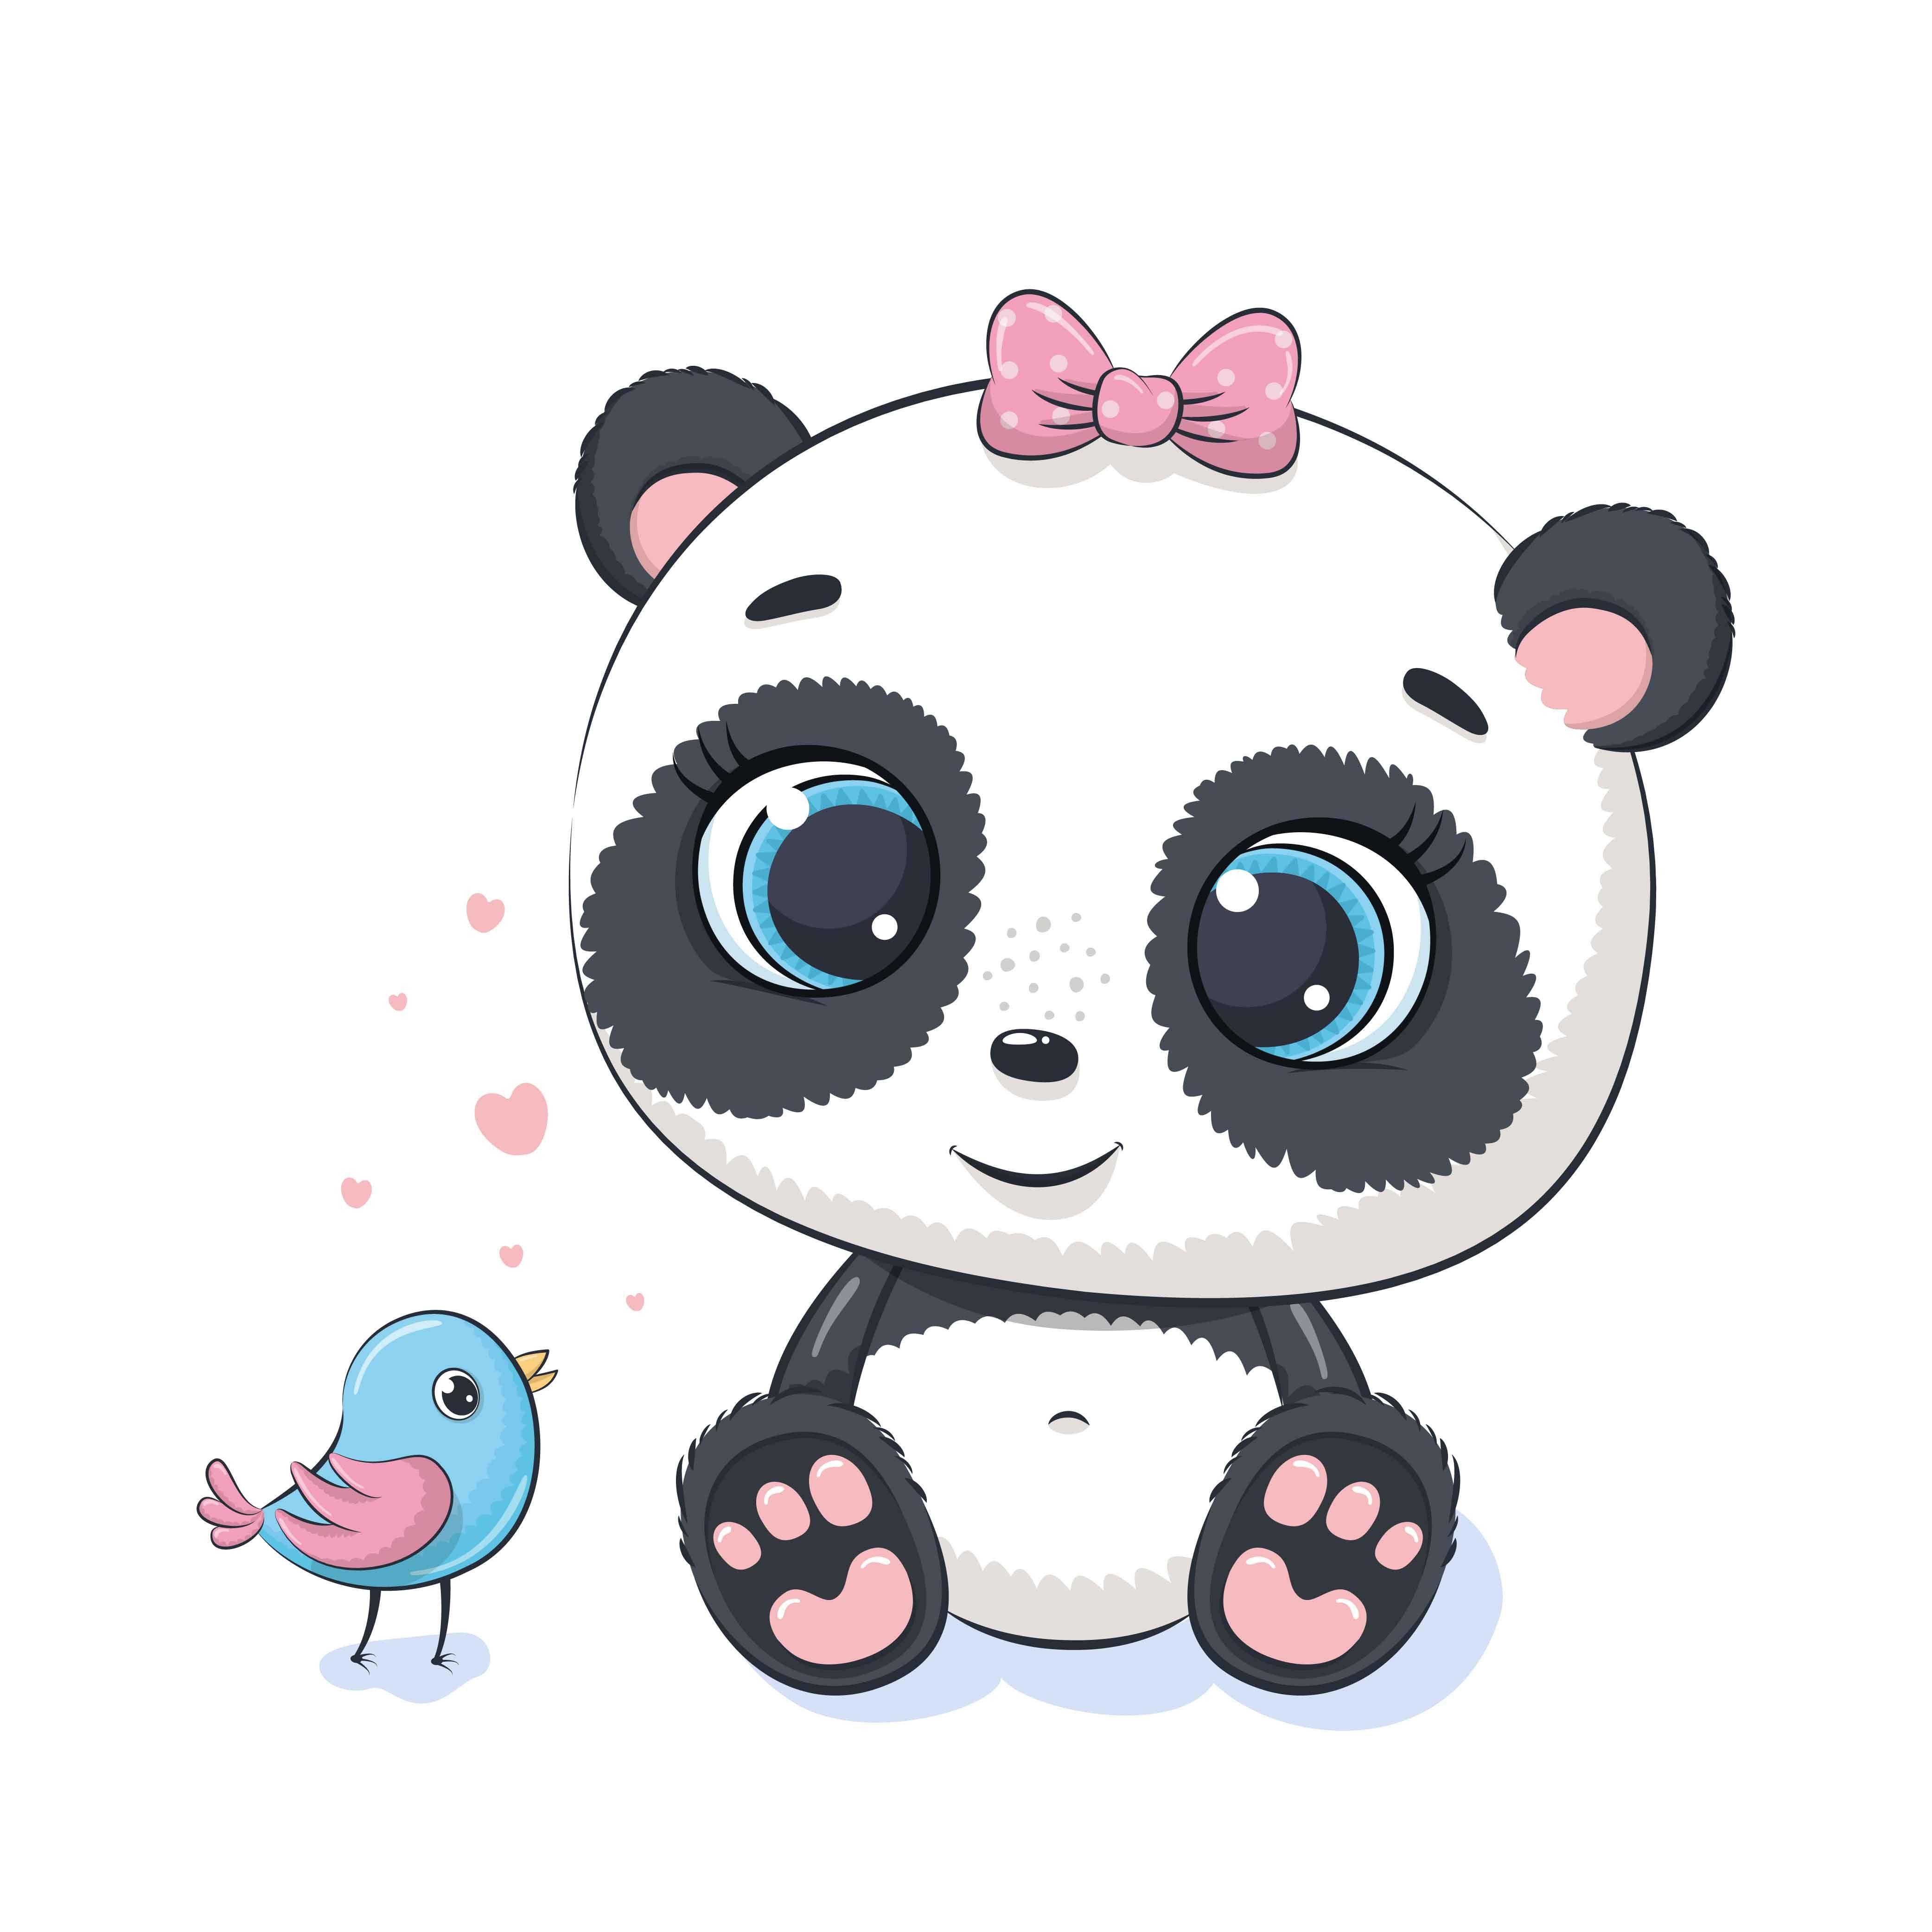 Cute Baby Animals Png Jpg Png 300 Dpi 956410 Illustrations Design Bundles Cute Panda Cartoon Baby Panda Bears Cute Panda Wallpaper